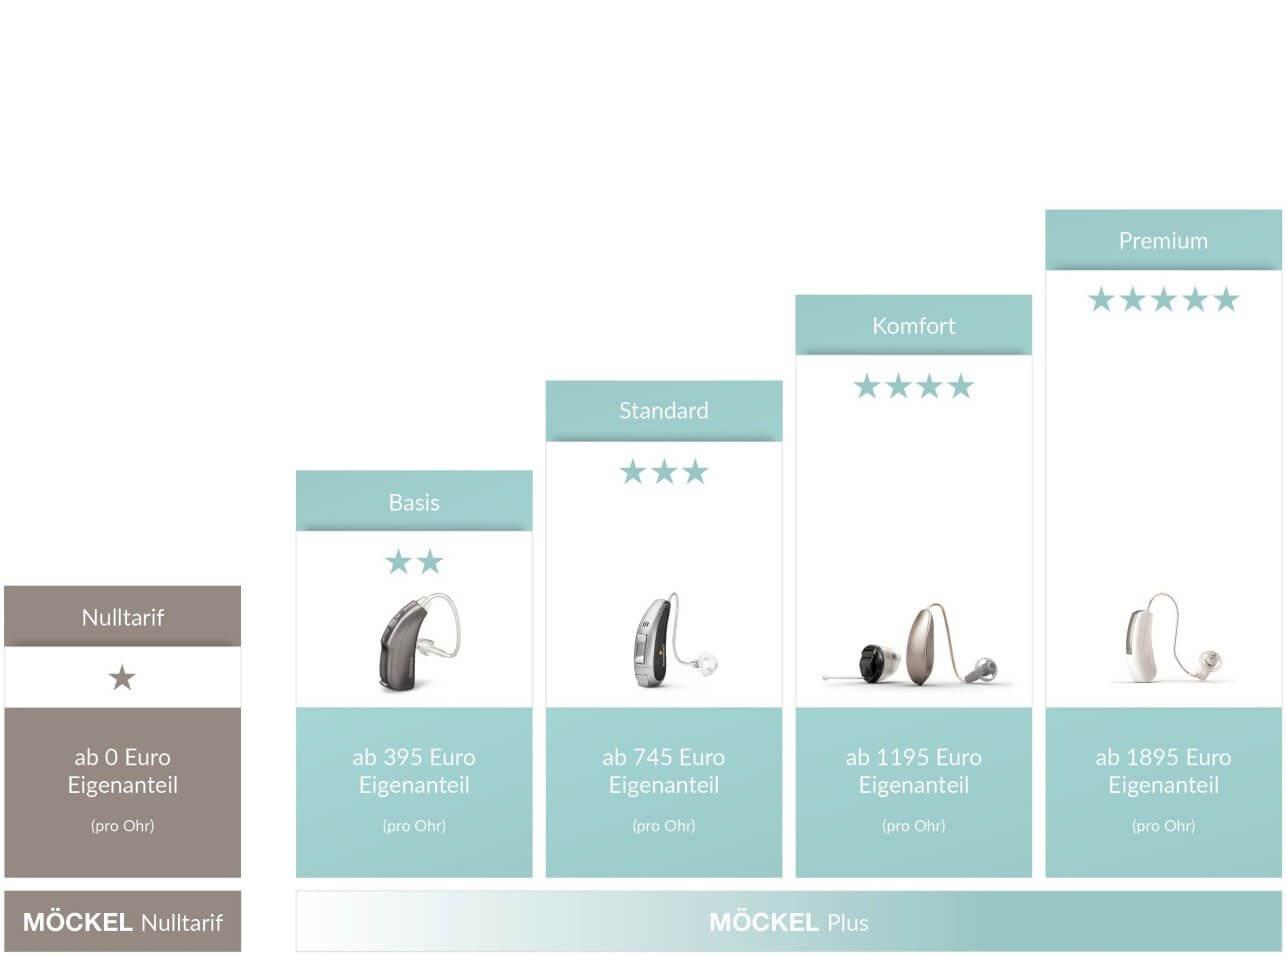 Hörgeräte-Preise-im-uberblick